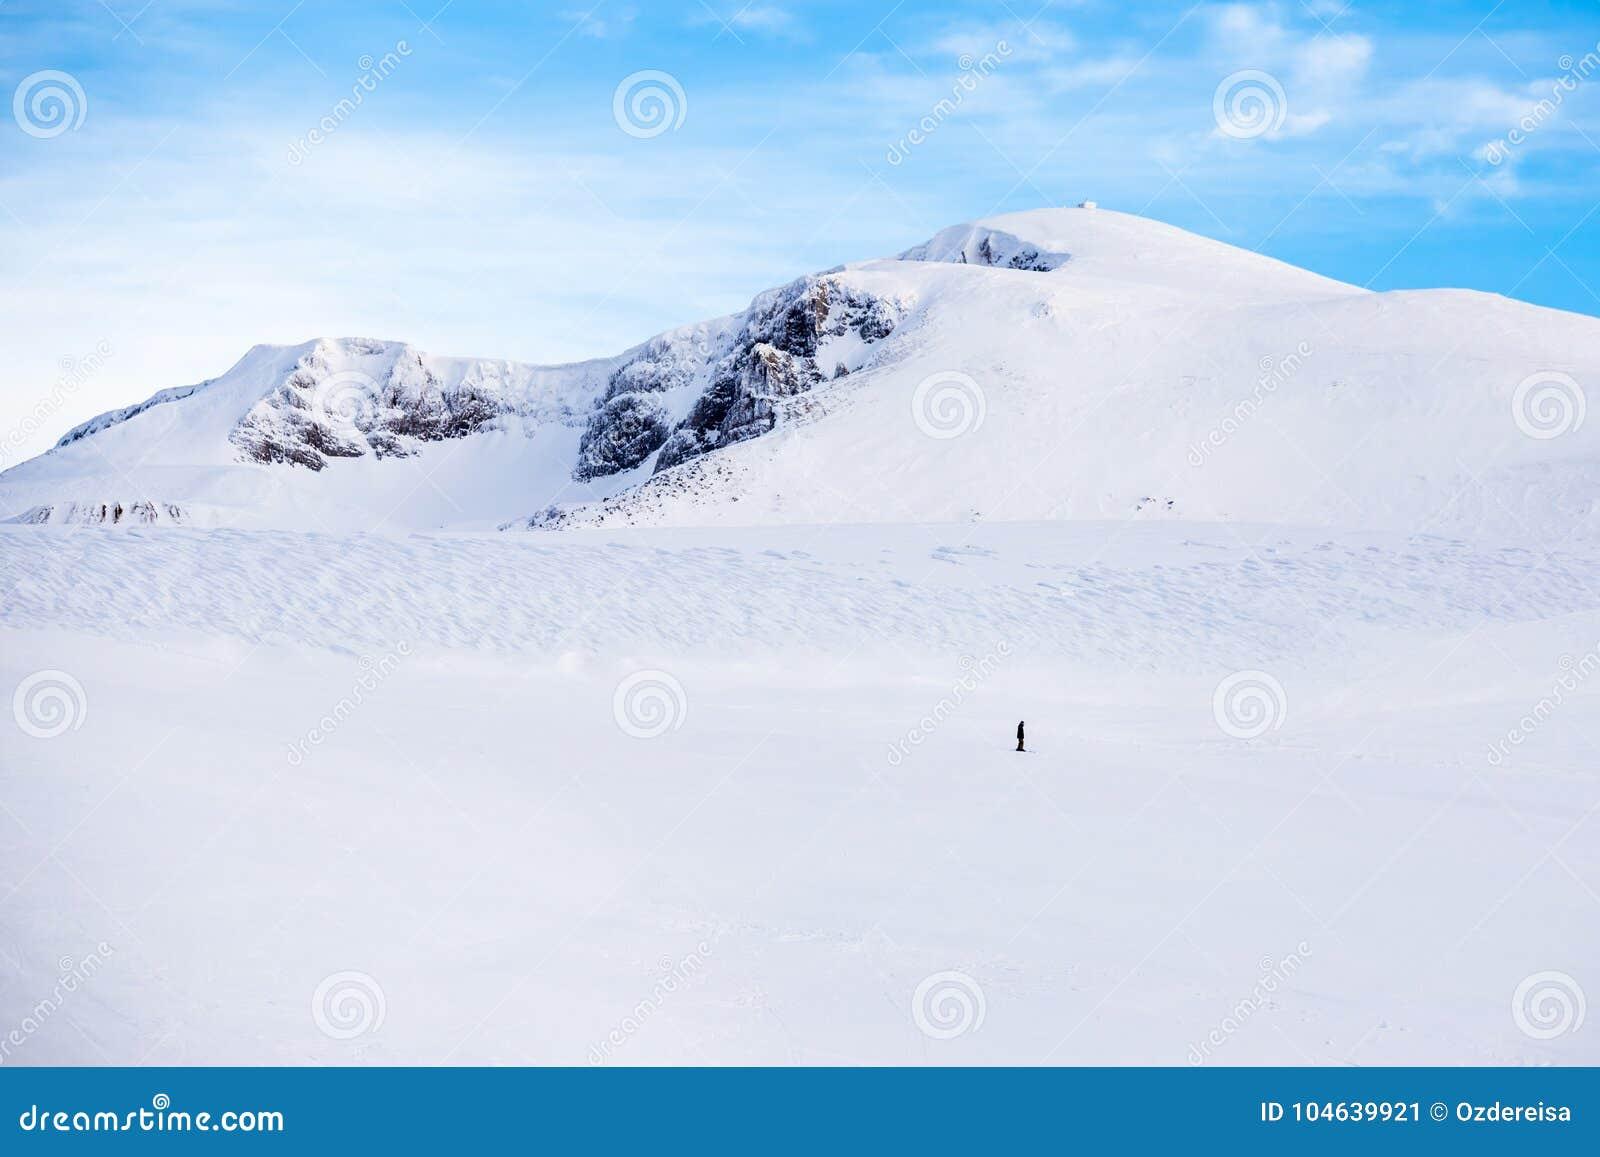 Één snowboardersnowboards op de bodem van sneeuwberg